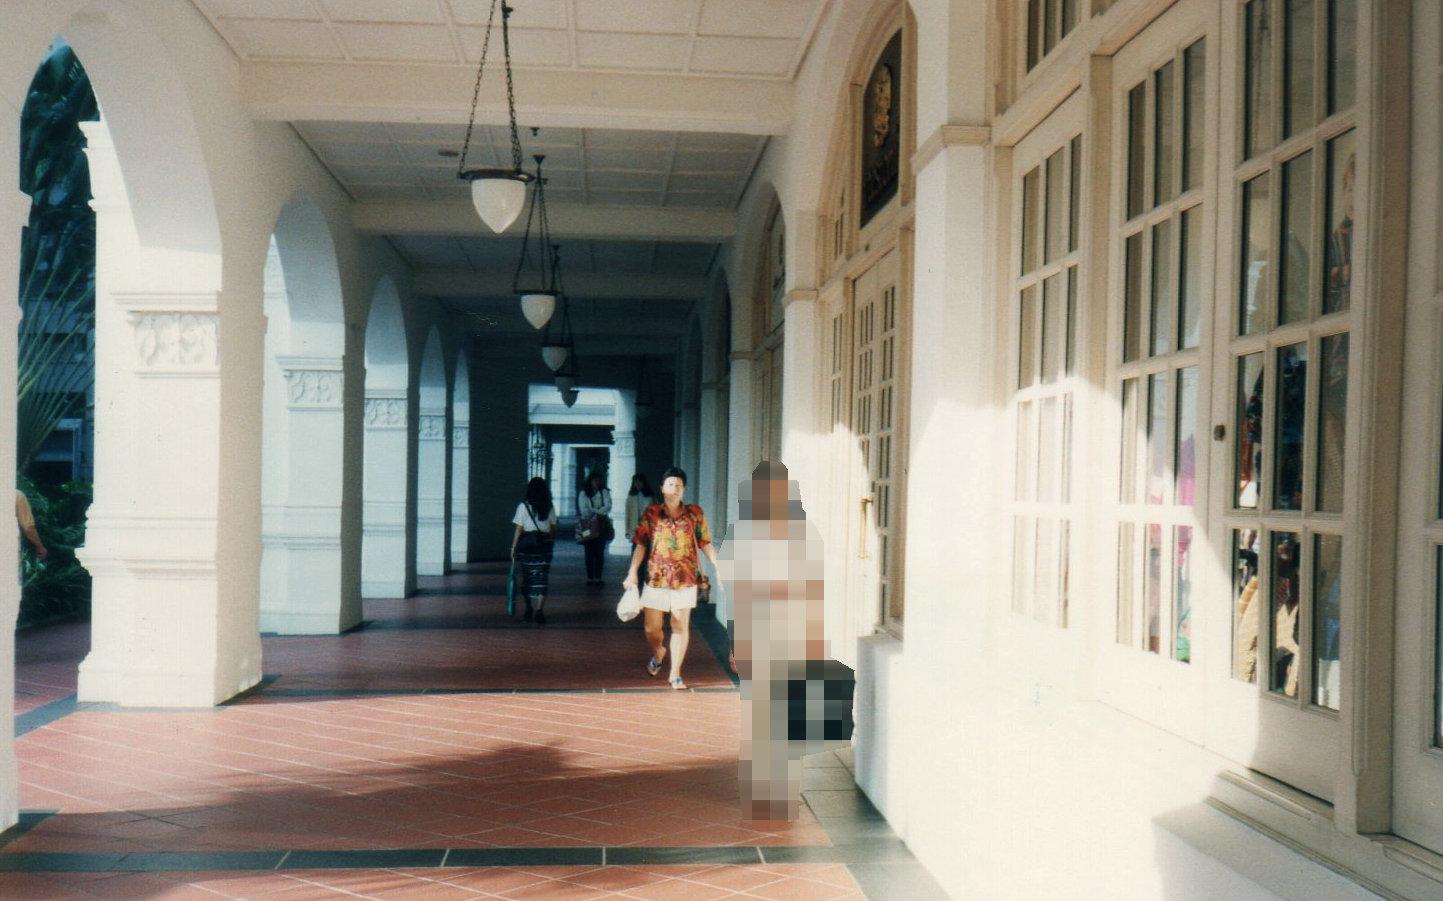 シンガポール1994年5月4日ラッフルズホテル175-1